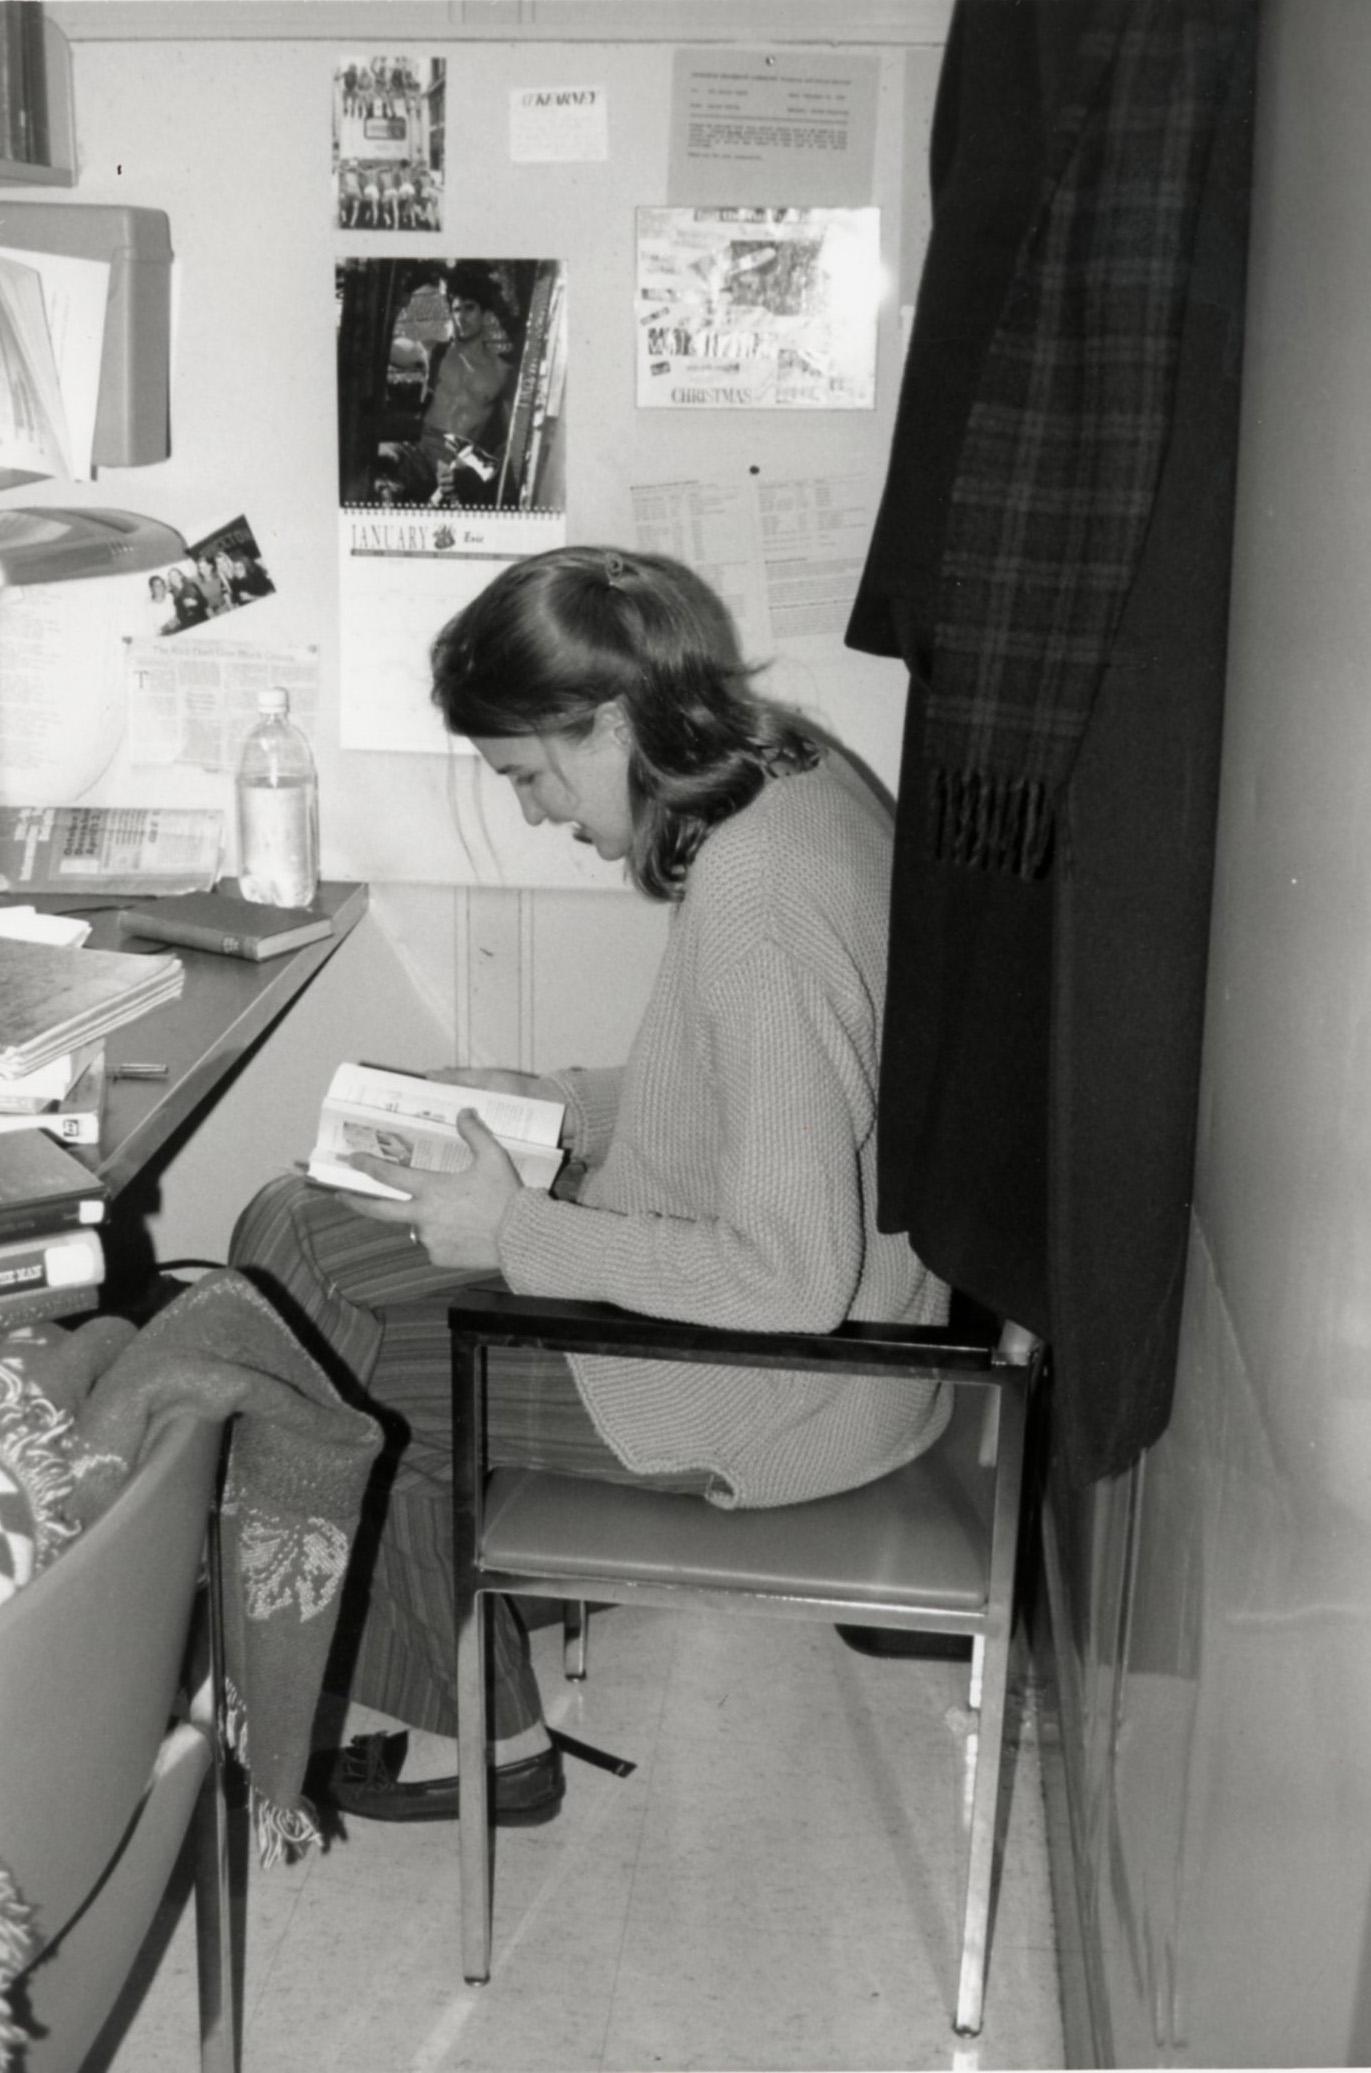 Princeton mudd library senior thesis mumps resume